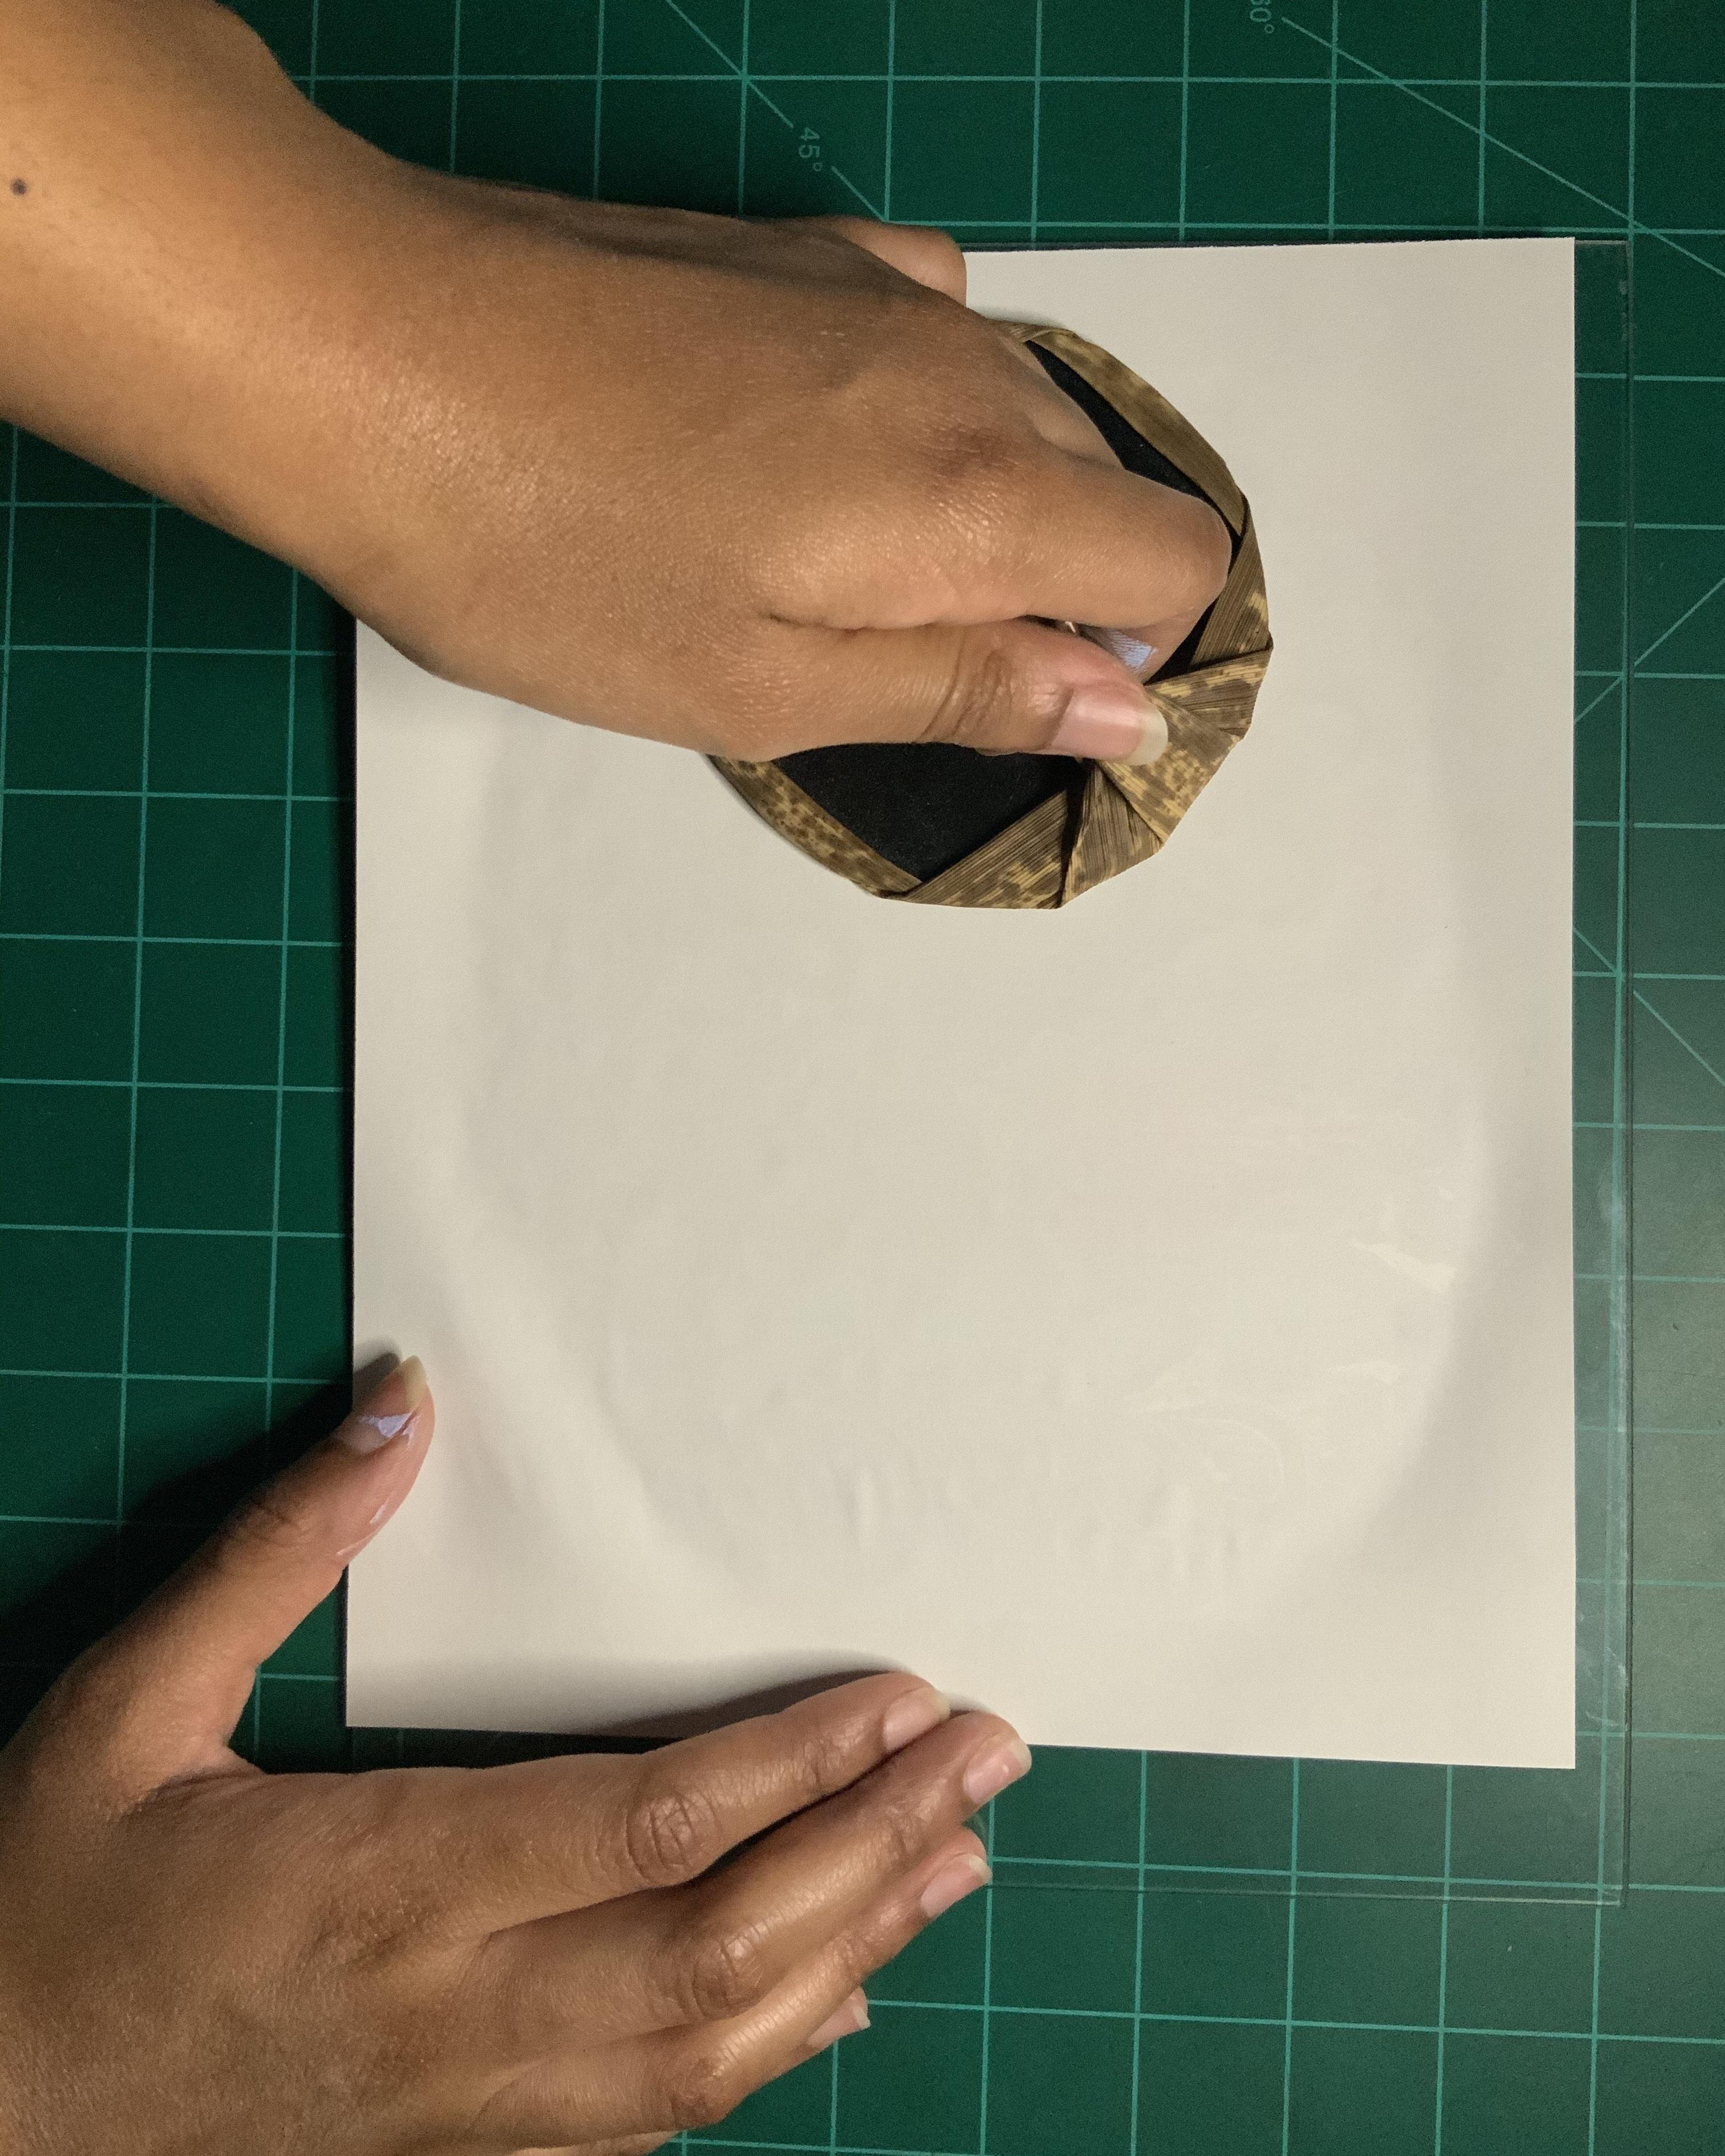 A hand rubs a piece of paper with a baren